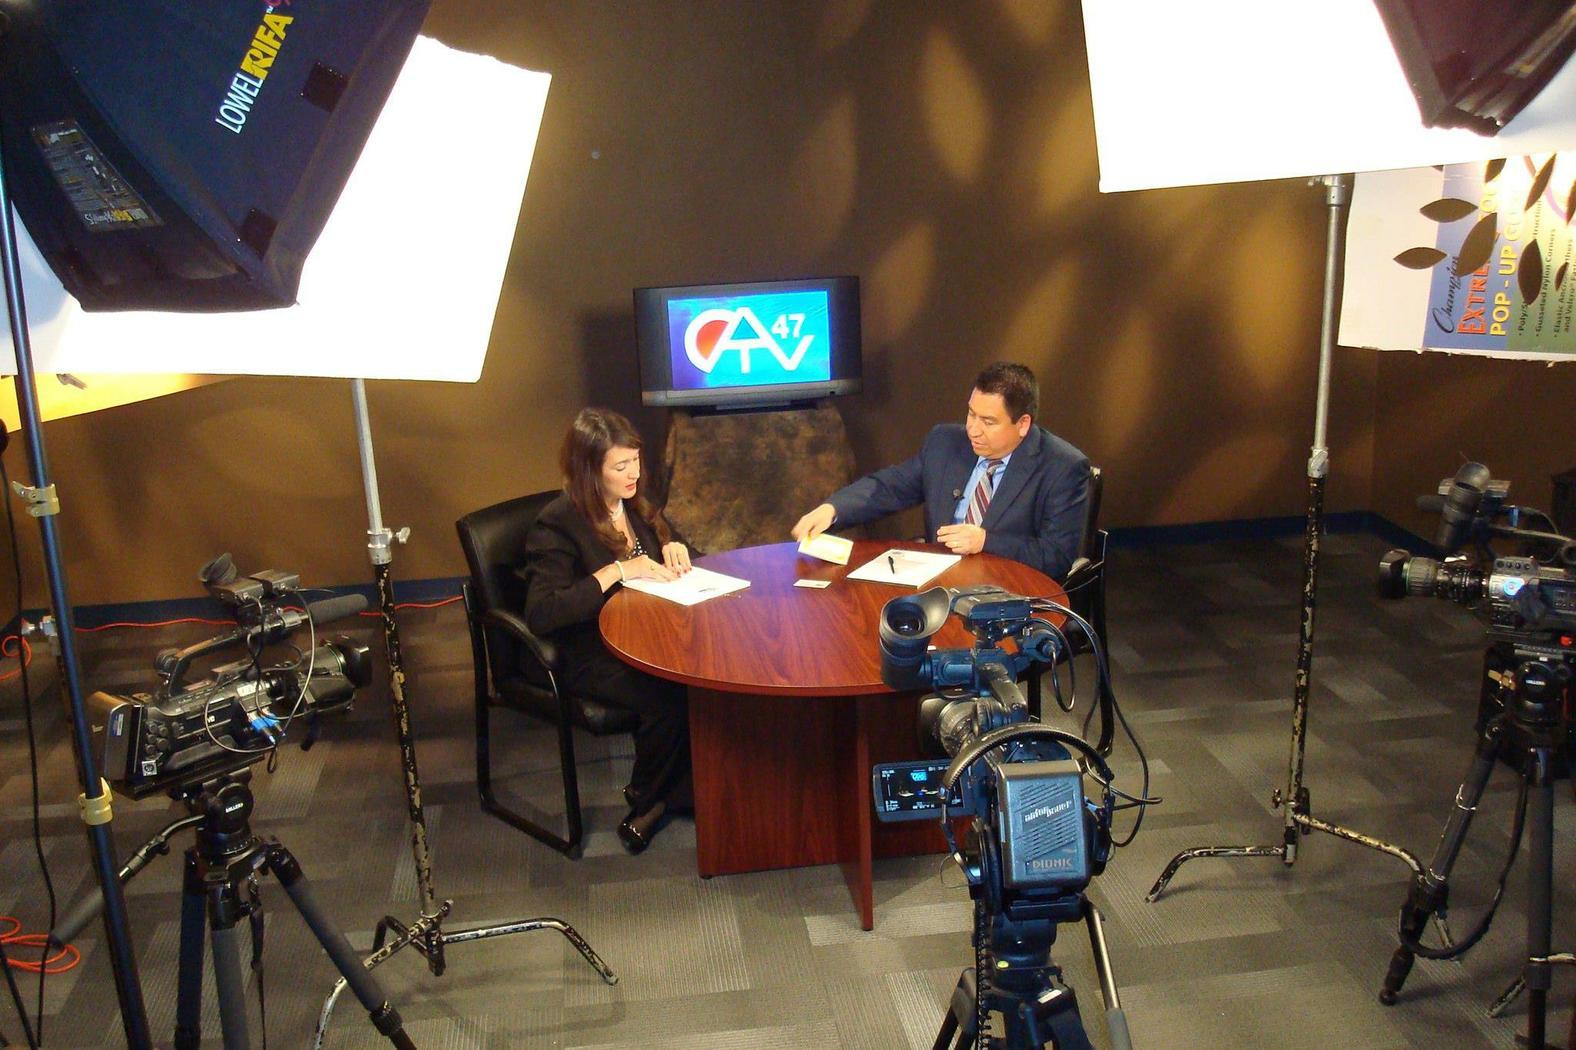 CATV47 Cheyenne and Arapaho Television